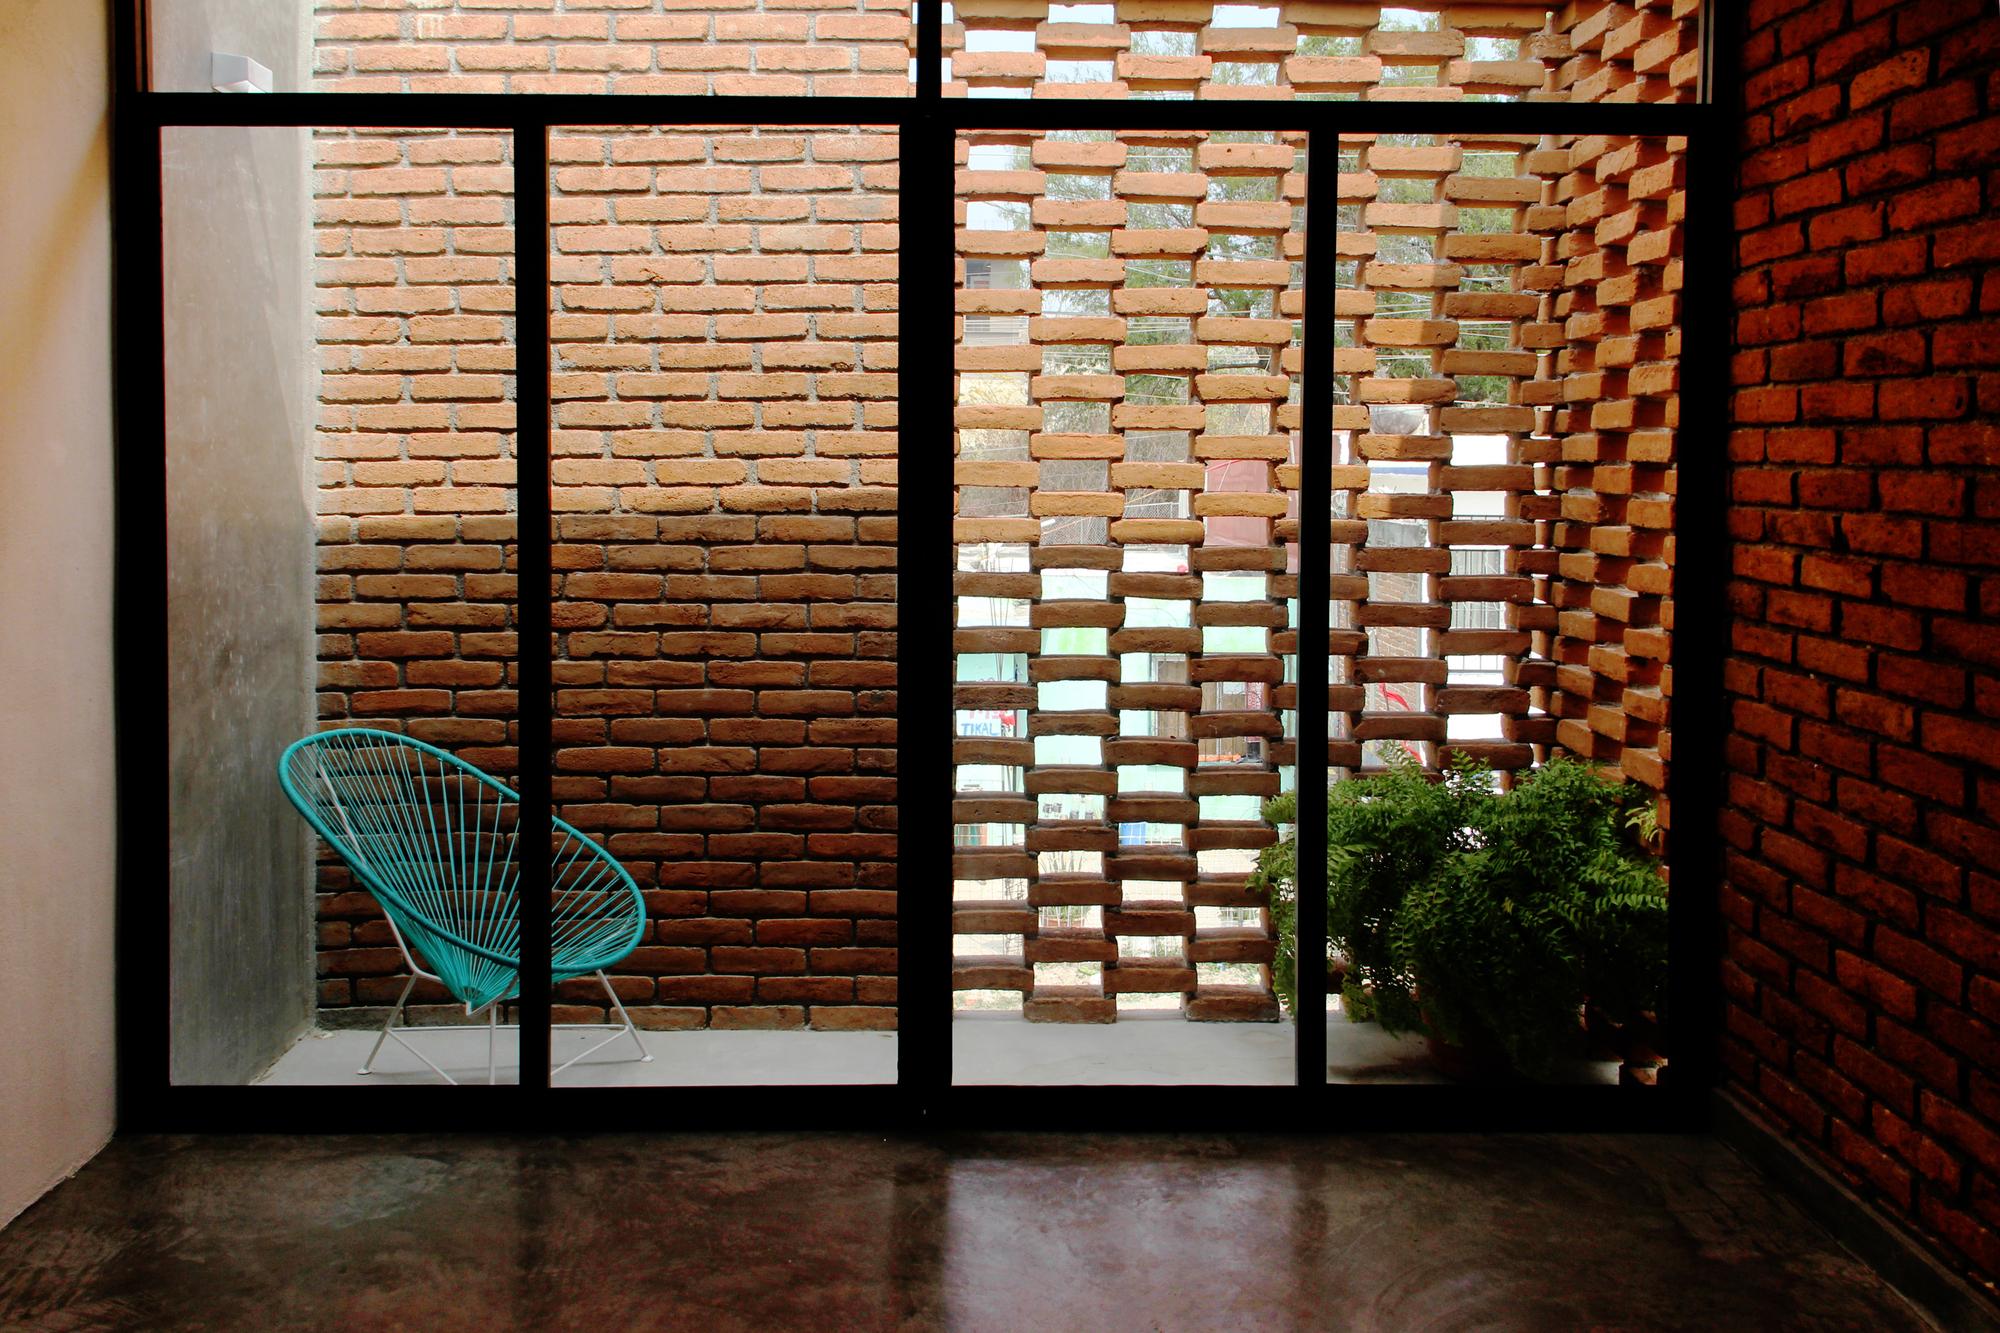 Galeria de resid ncia tadeo apaloosa estudio de for Estudio de arquitectura